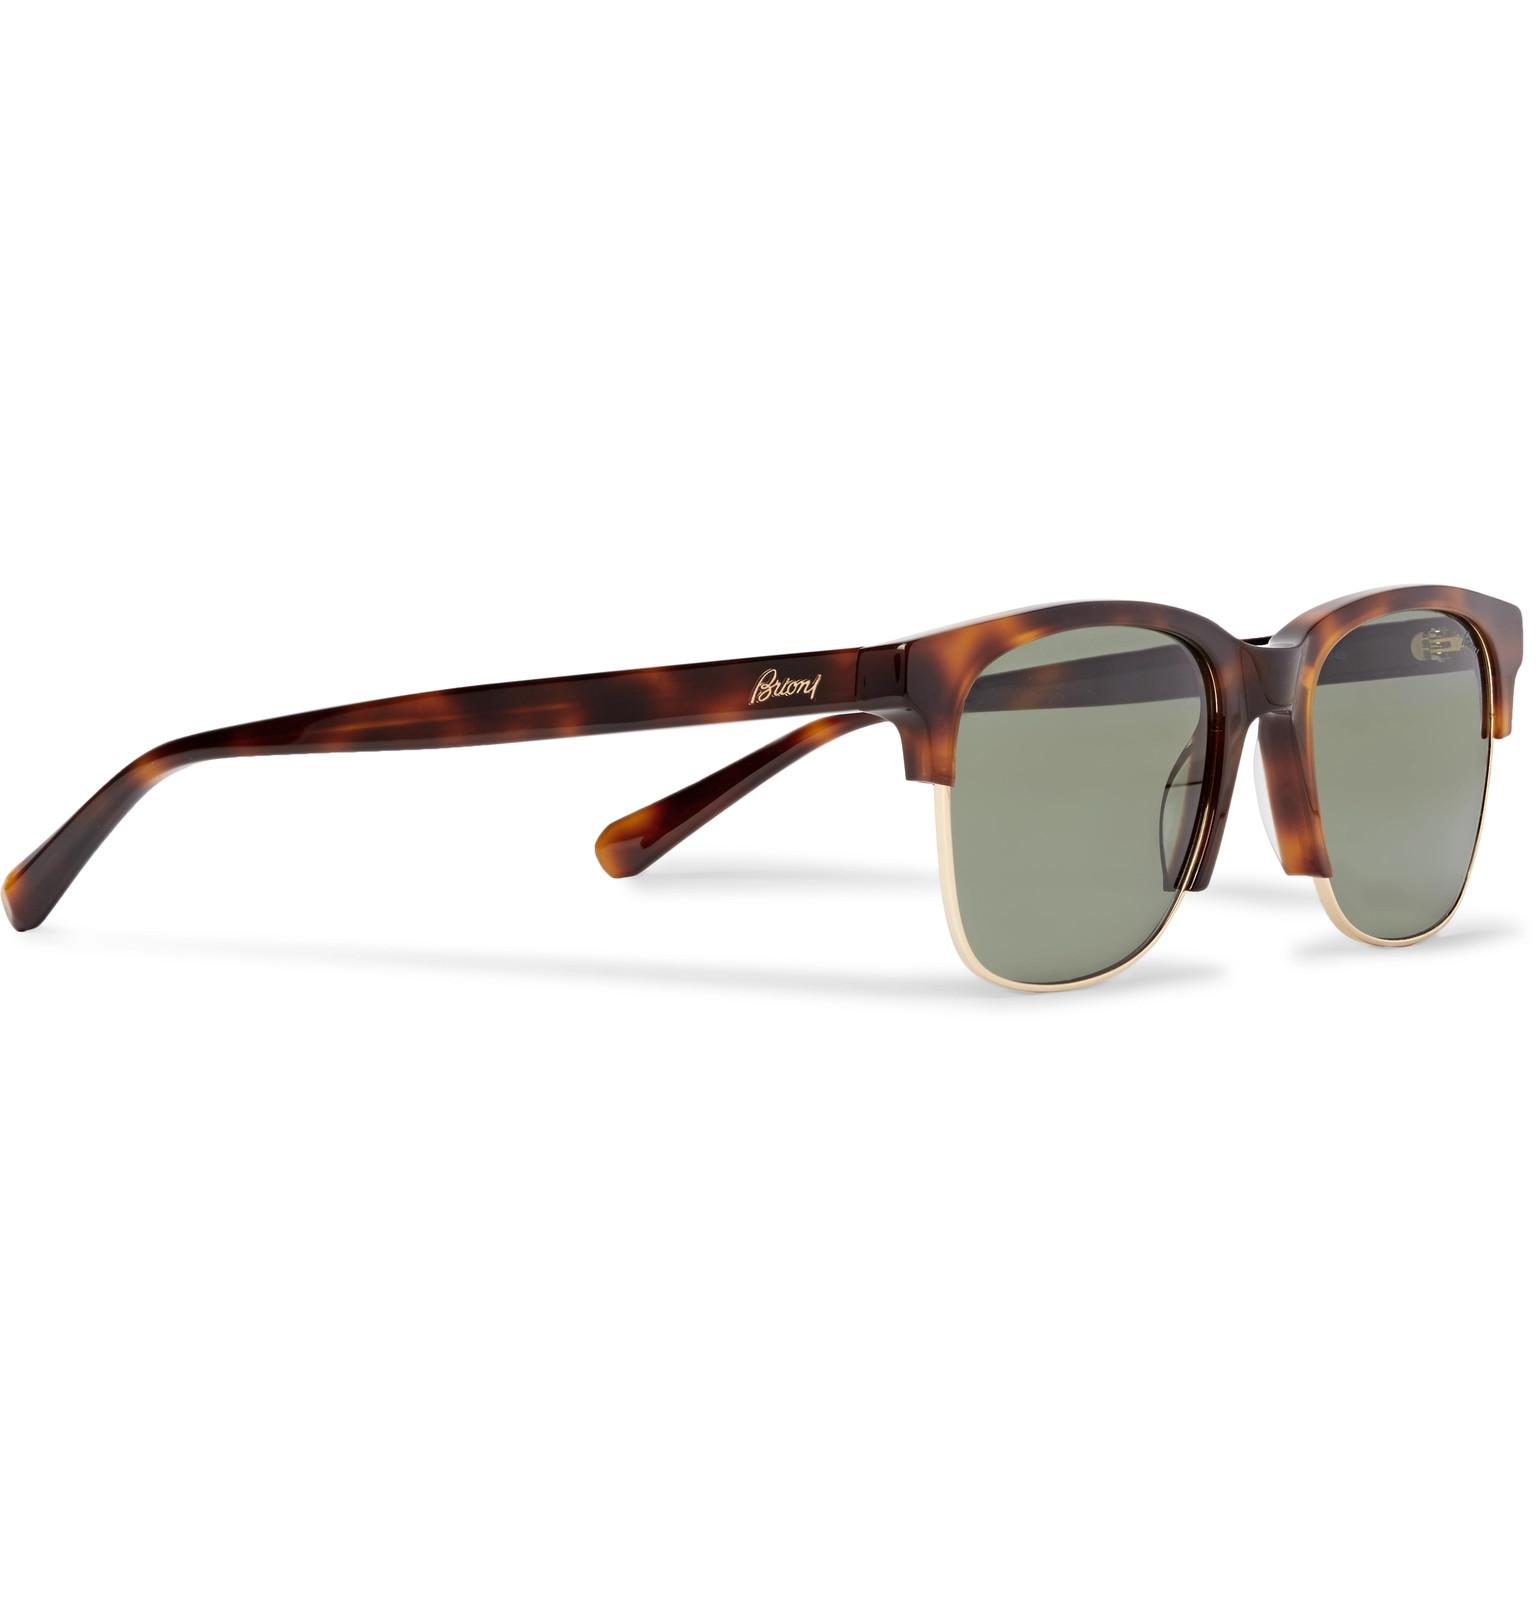 Square Tortoiseshell Acetate Sunglasses Tone And Gold Brioni Frame dzAqn4ZdE